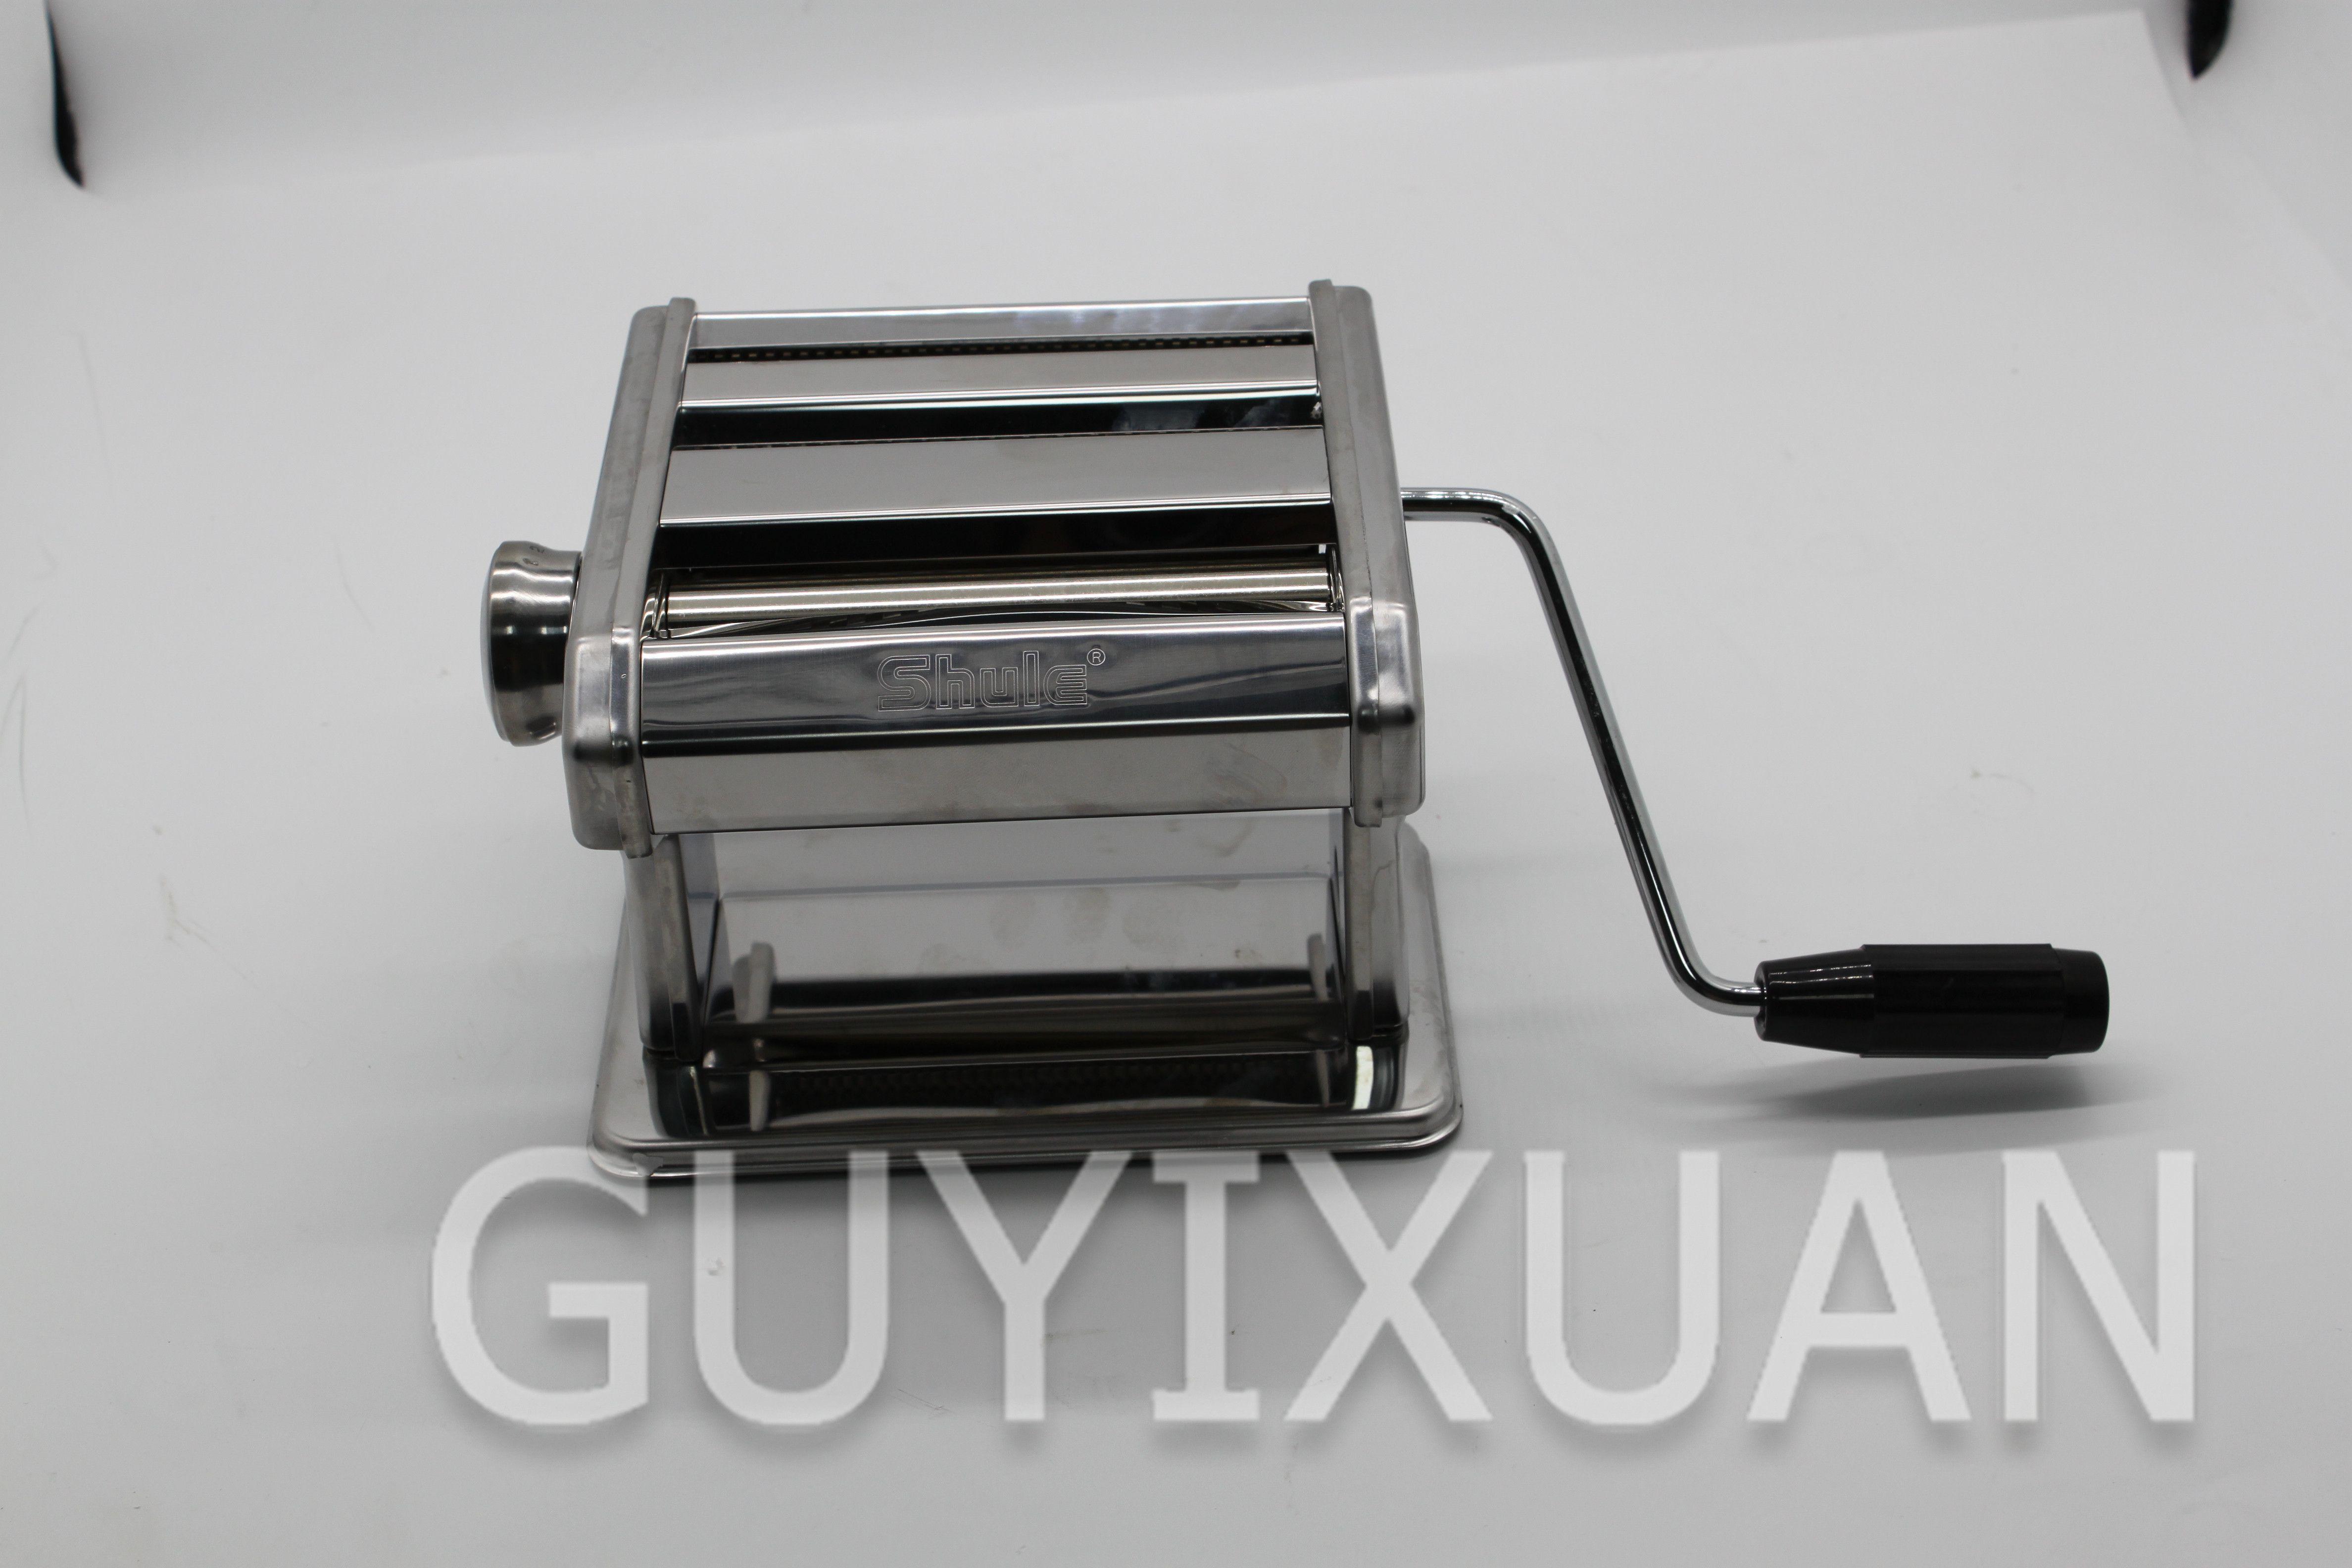 totalmente automático multifunções máquina da imprensa manual do agregado familiar